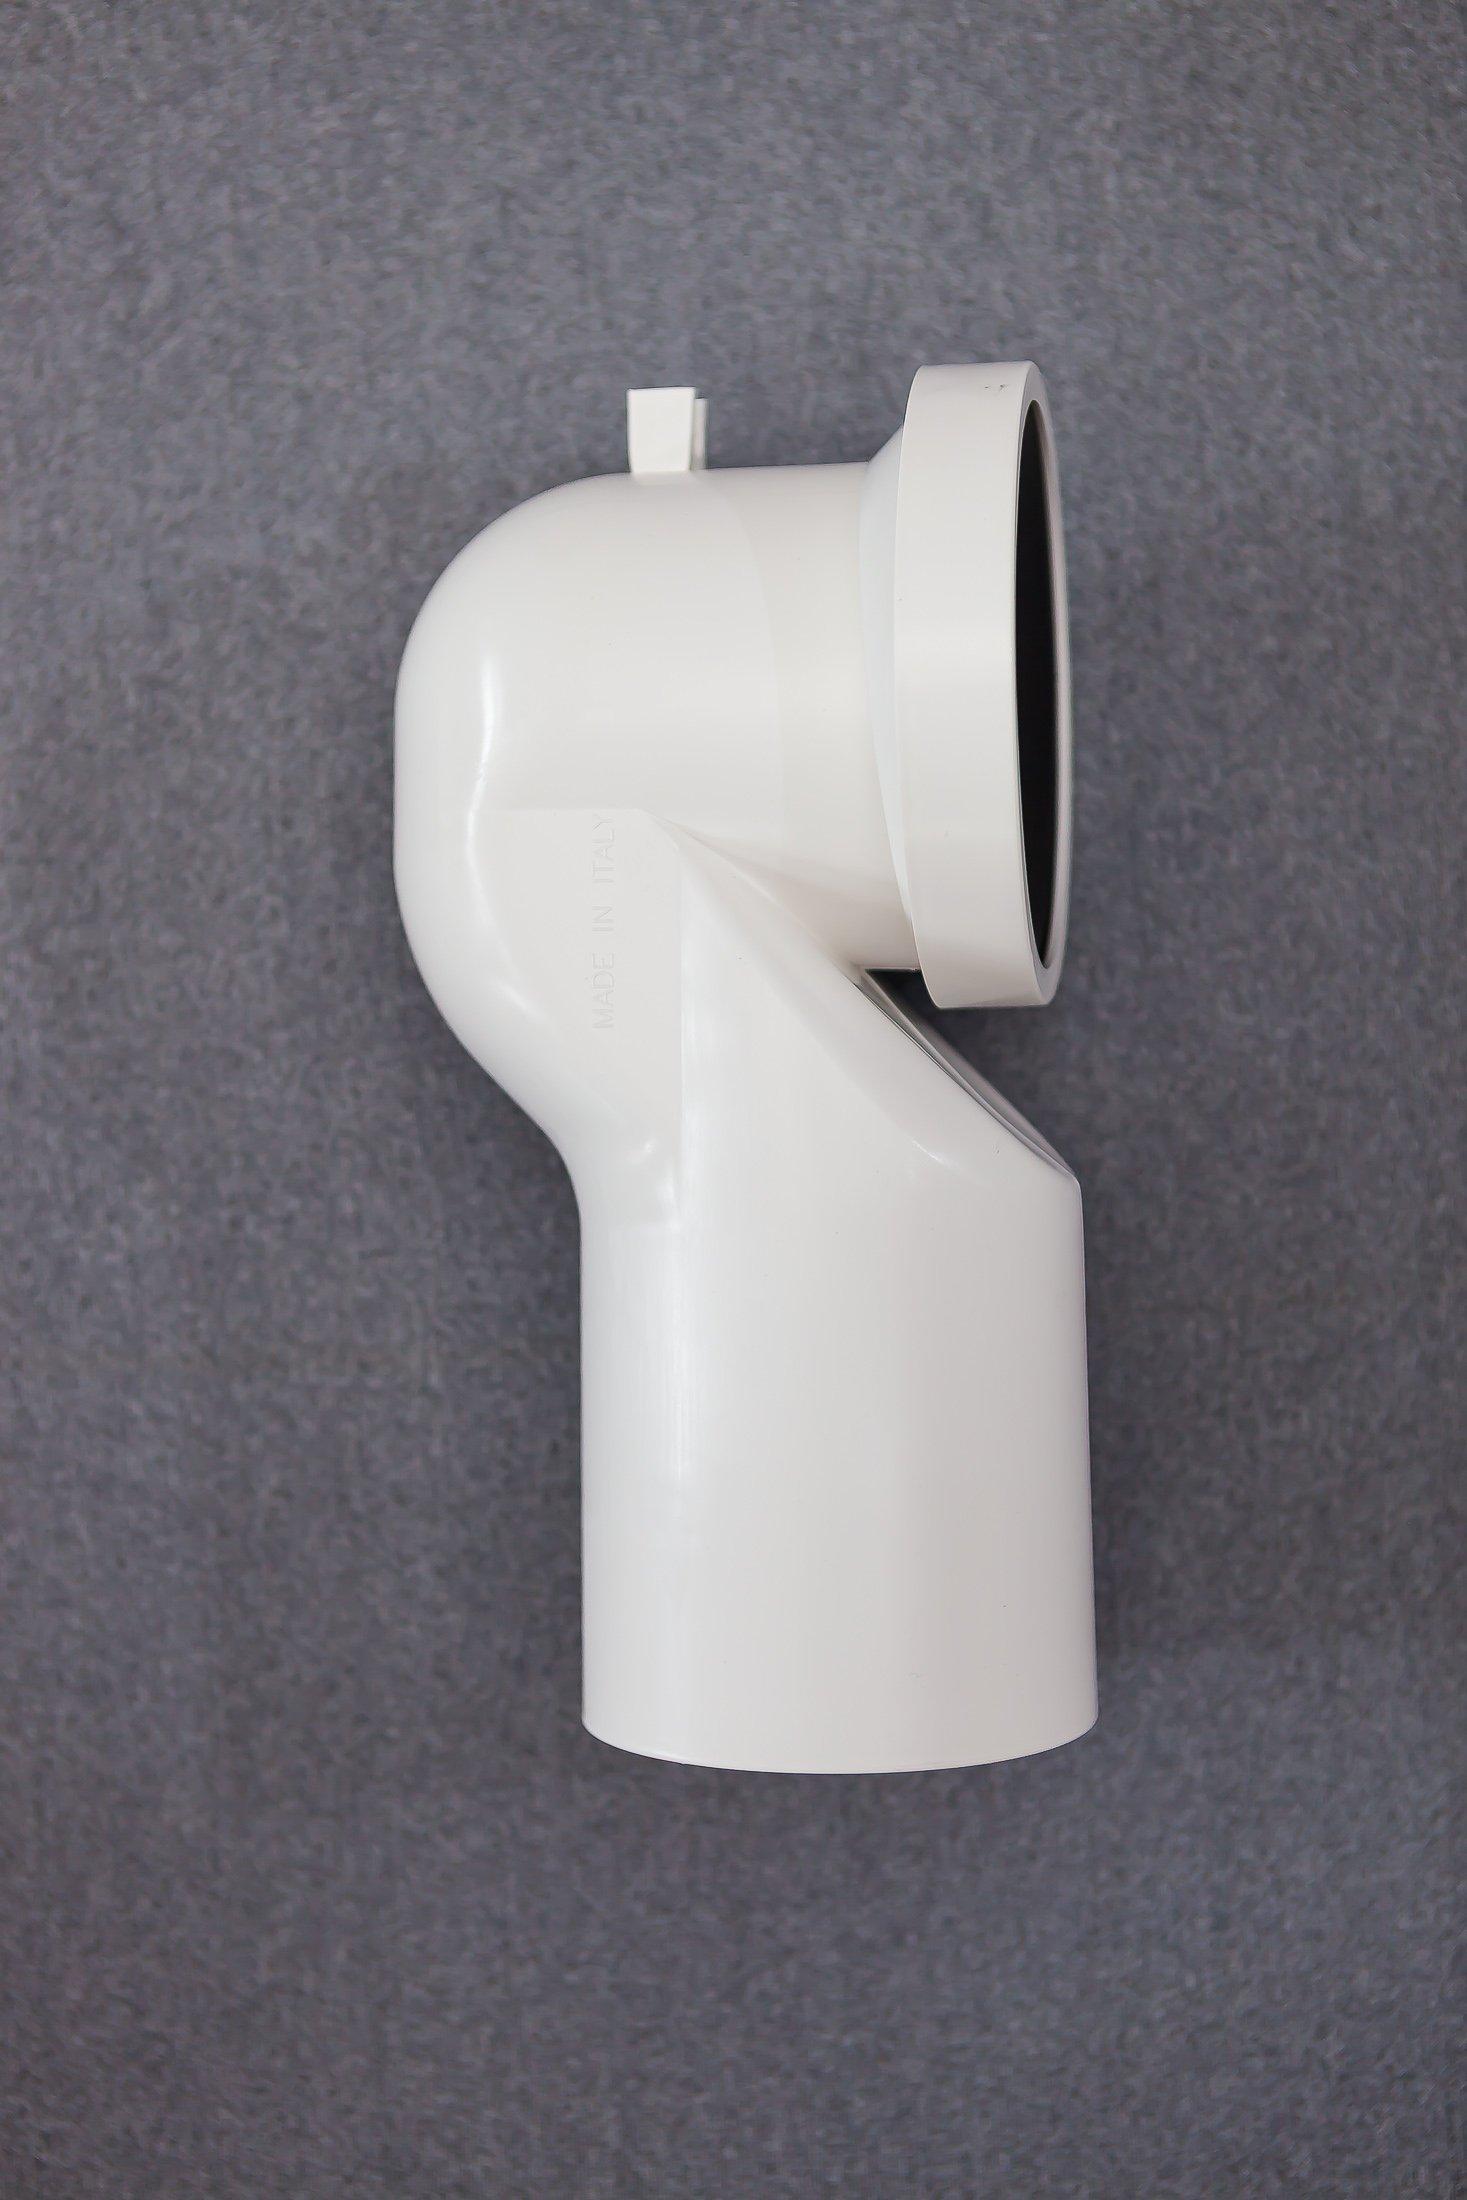 componente in plastica per tubazione idraulica